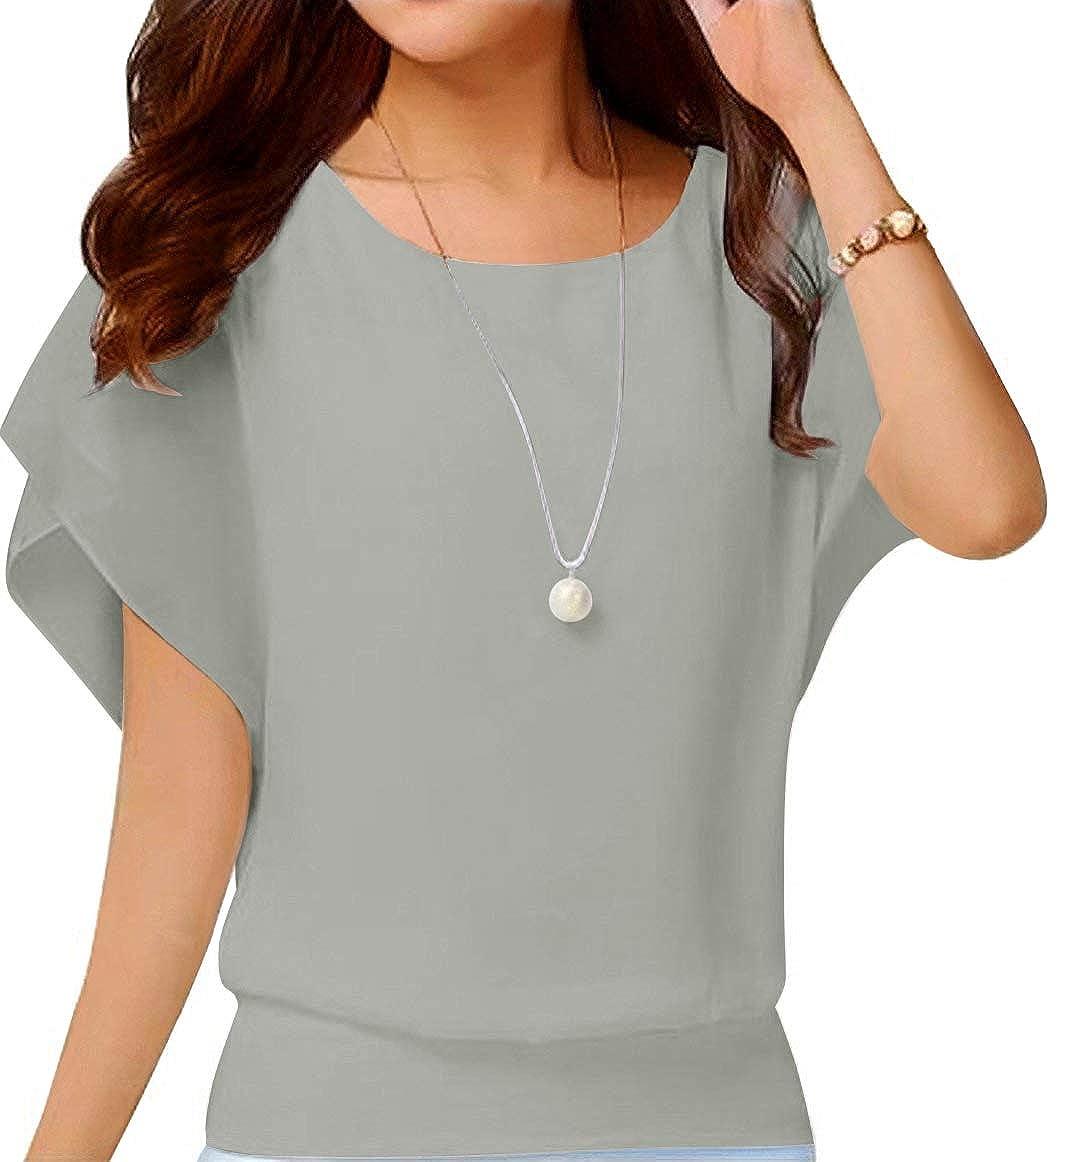 Neineiwu Womens Loose Casual Short Sleeve Chiffon Top T-Shirt Blouse